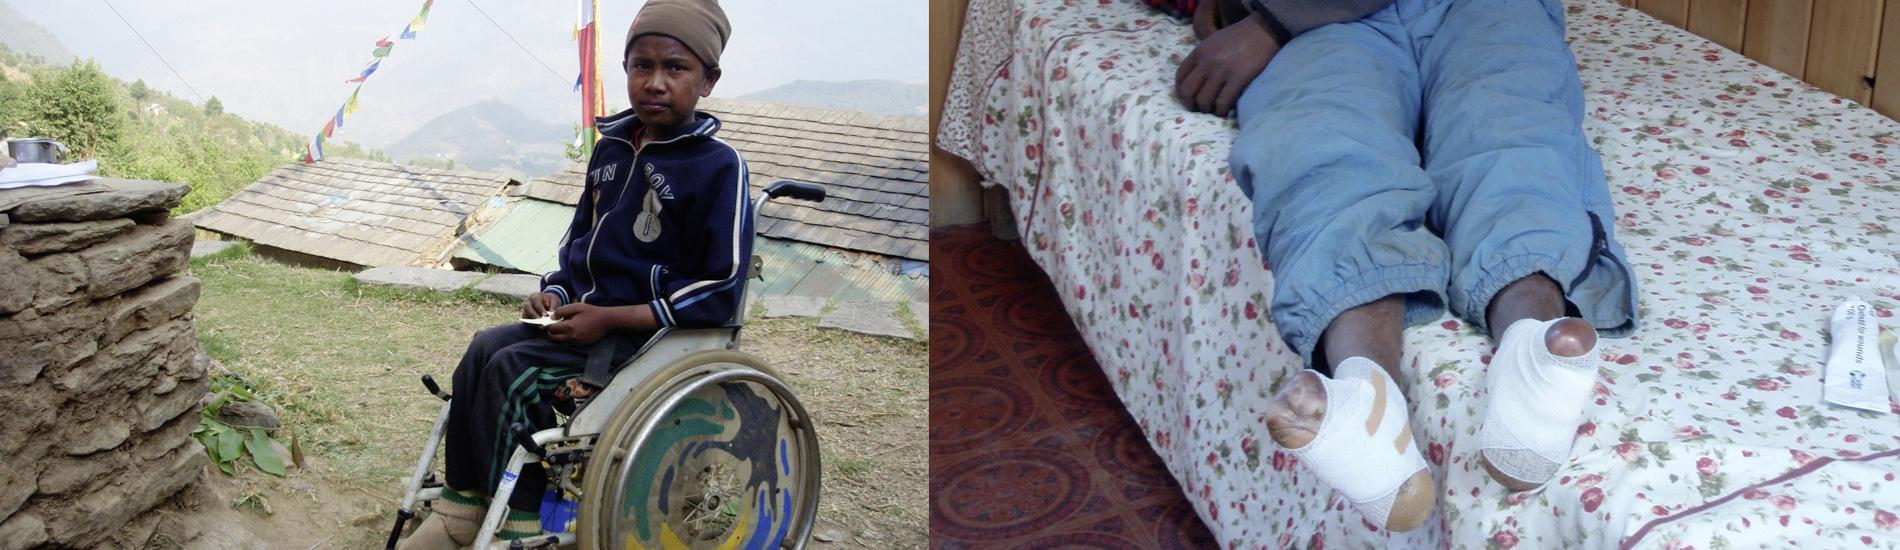 Behinderter Kinder